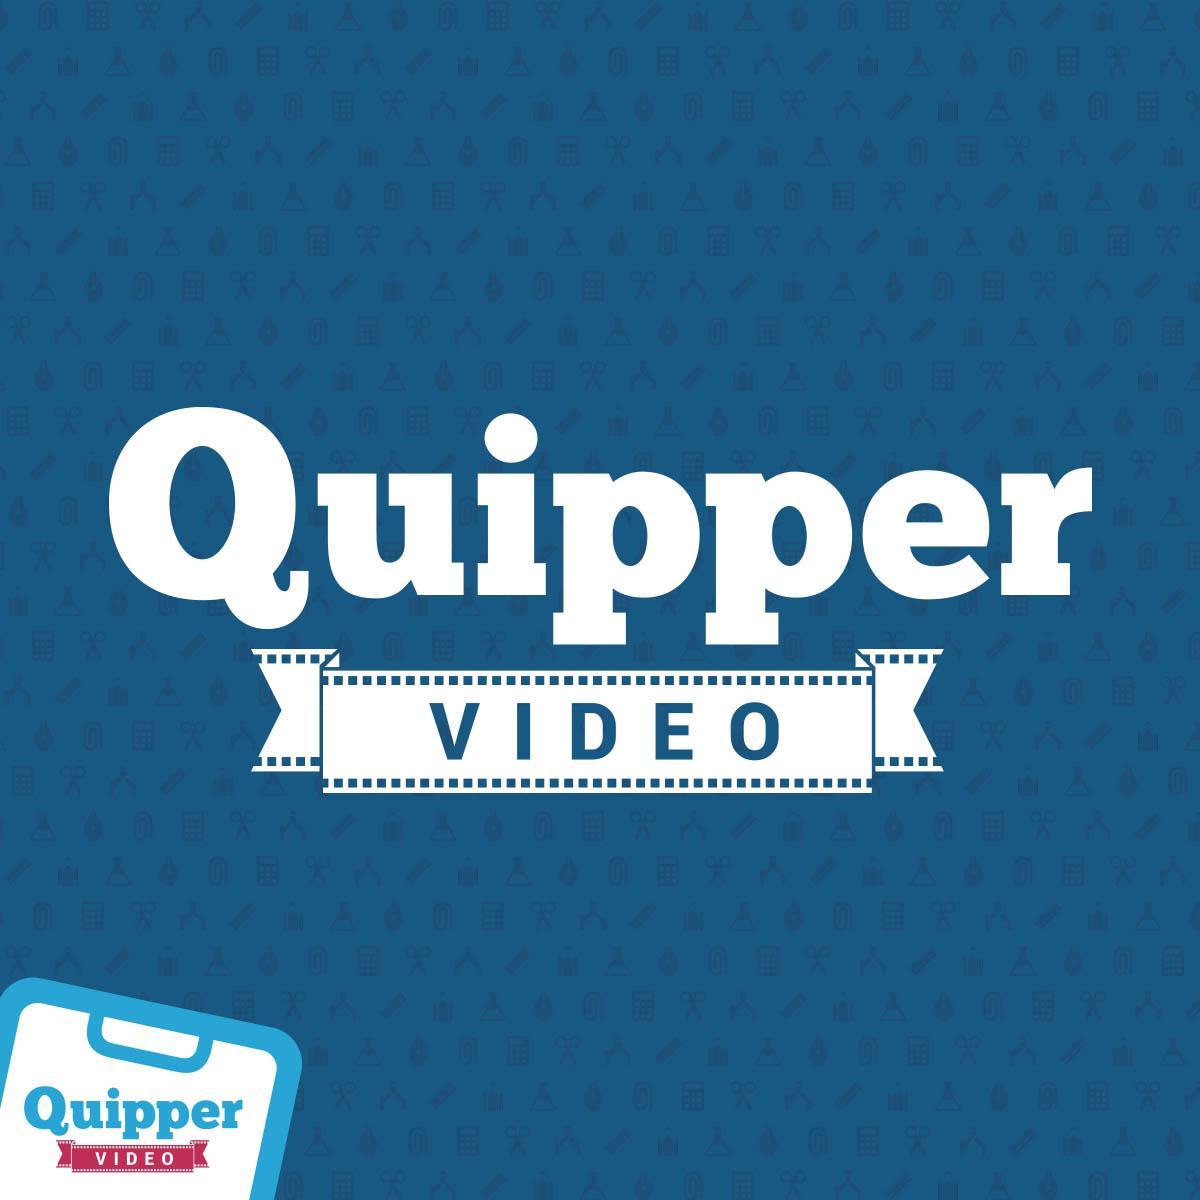 Quipper school quipperschool twitter 0 replies 9 retweets 7 likes stopboris Image collections